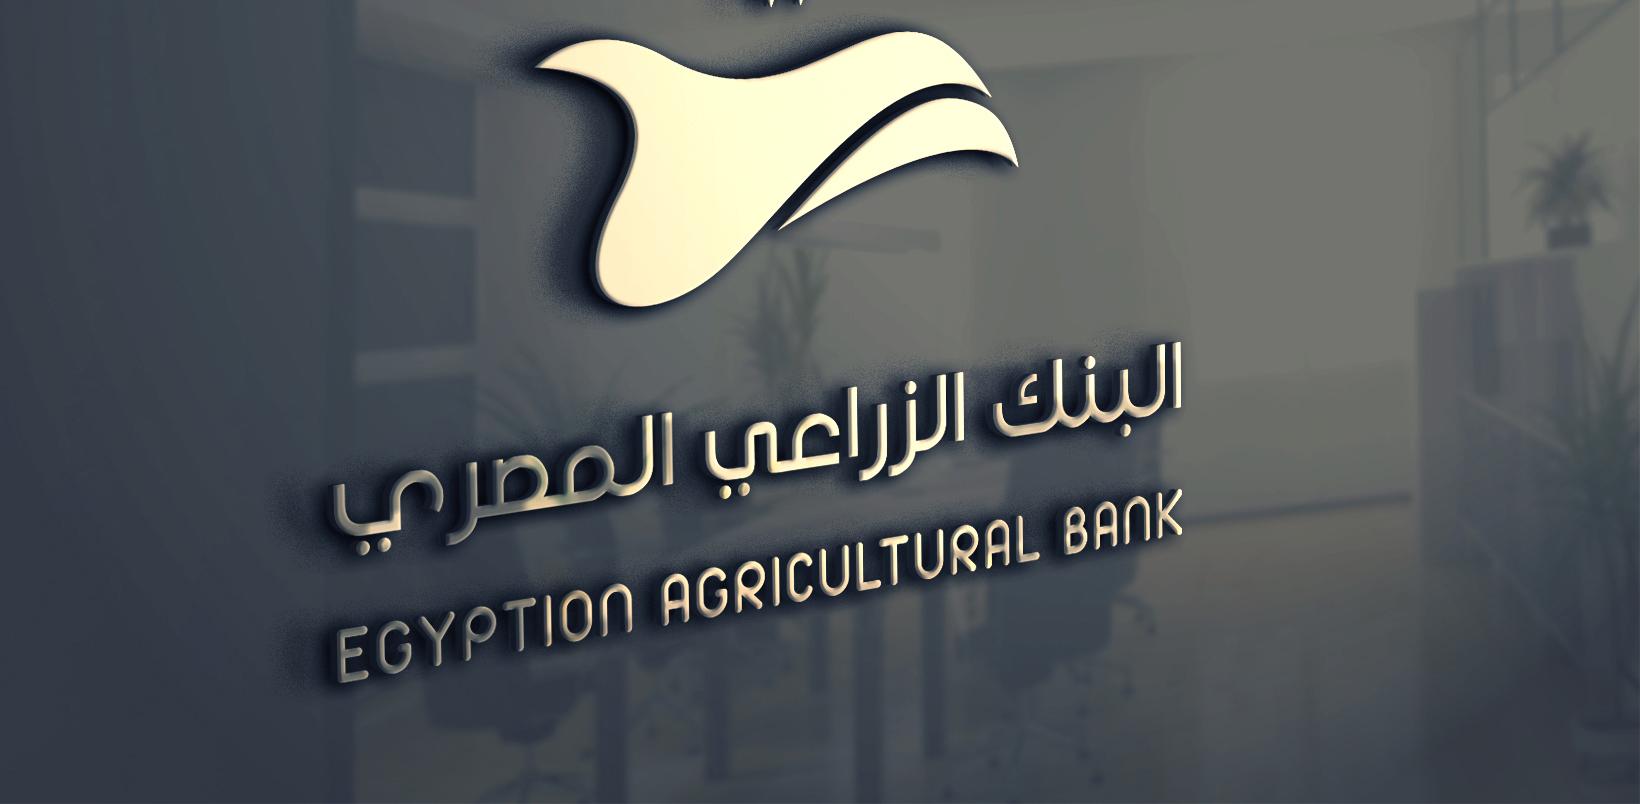 صورة وظائف شاغرة للخريجين في البنك الزراعي المصري